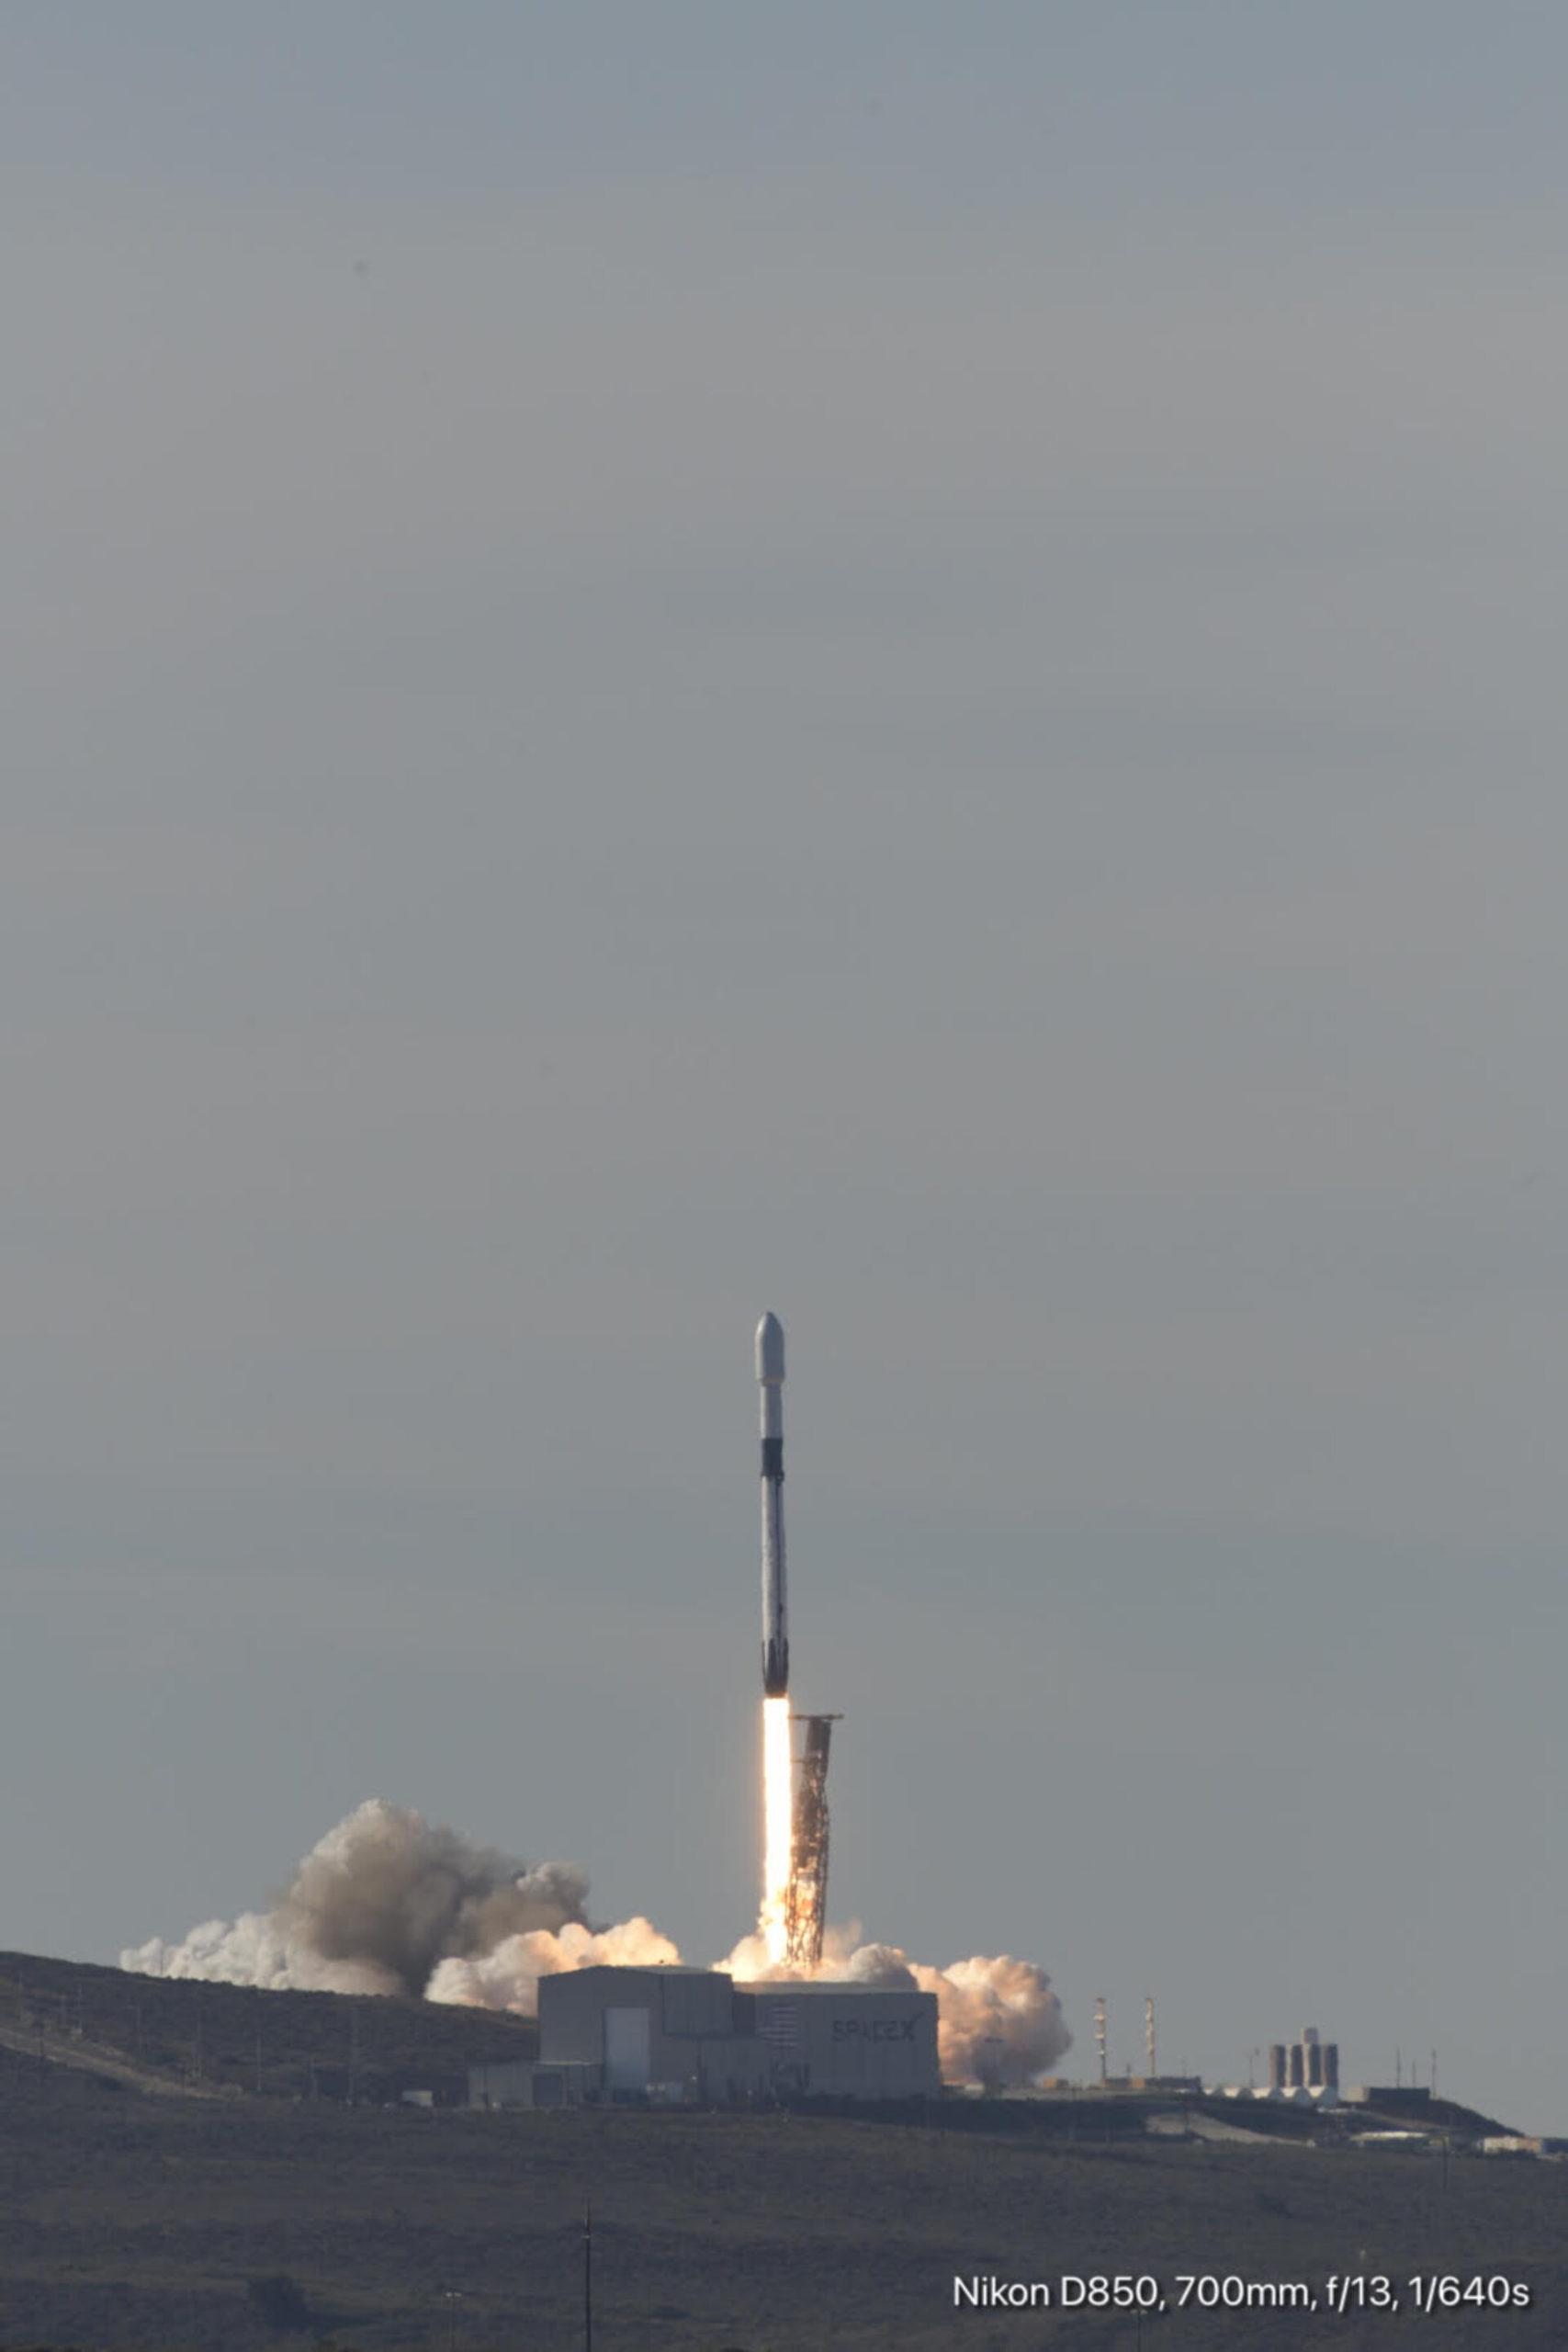 Obrázek: Jak rychle roste hladina moří? EU, USA a SpaceX vypouští satelit Sentinel 6